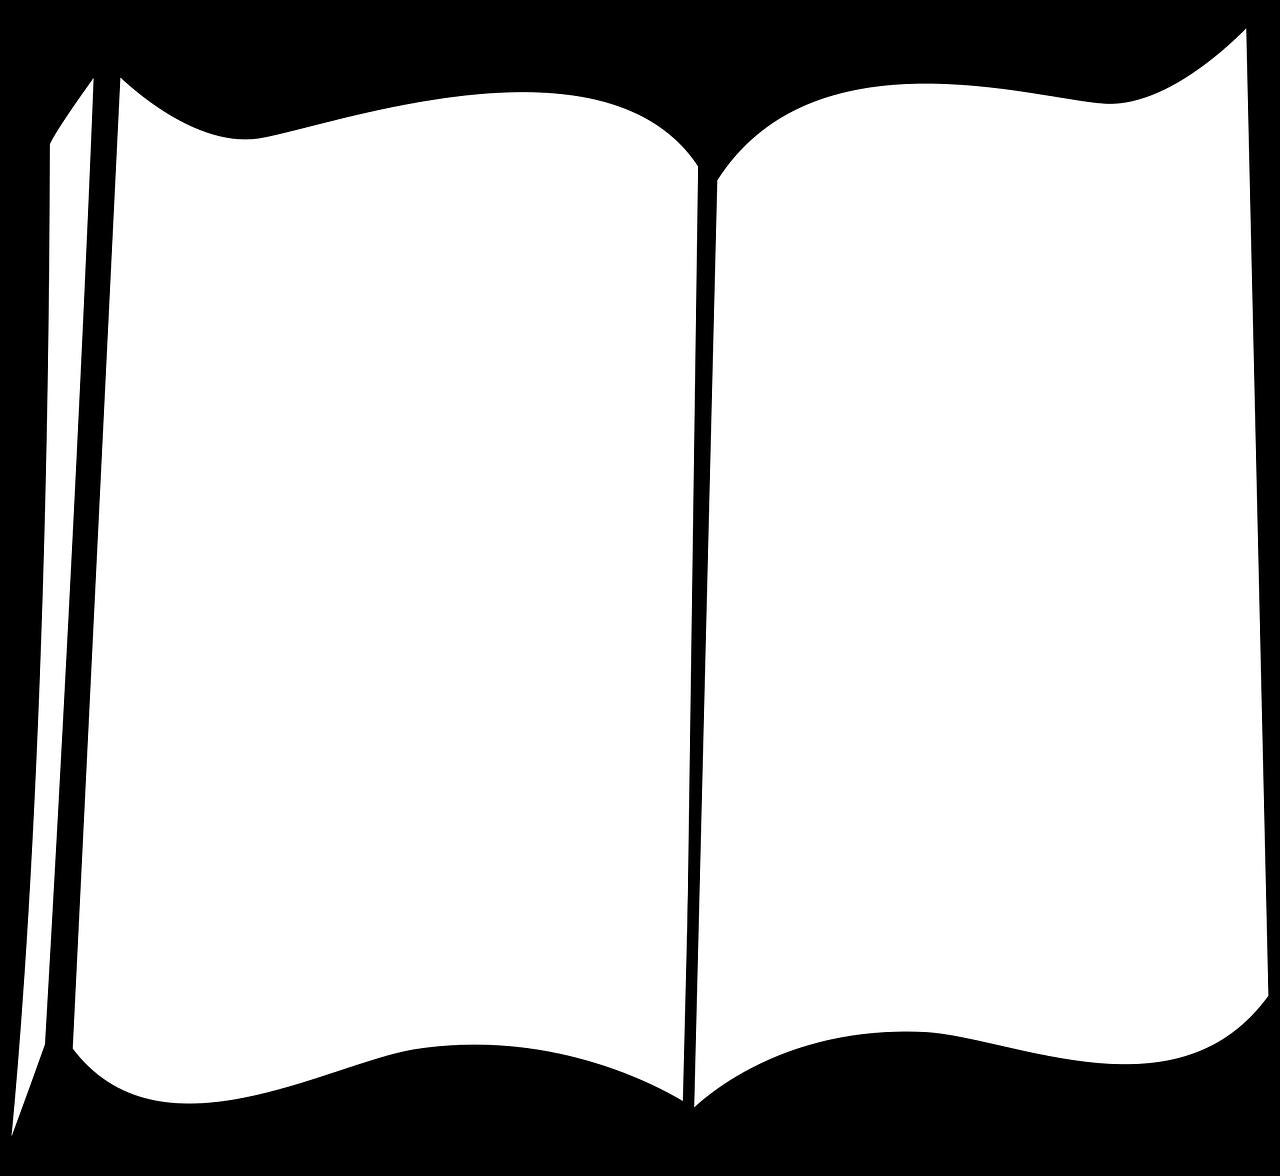 результате шаблон для книги картинки современном стиле